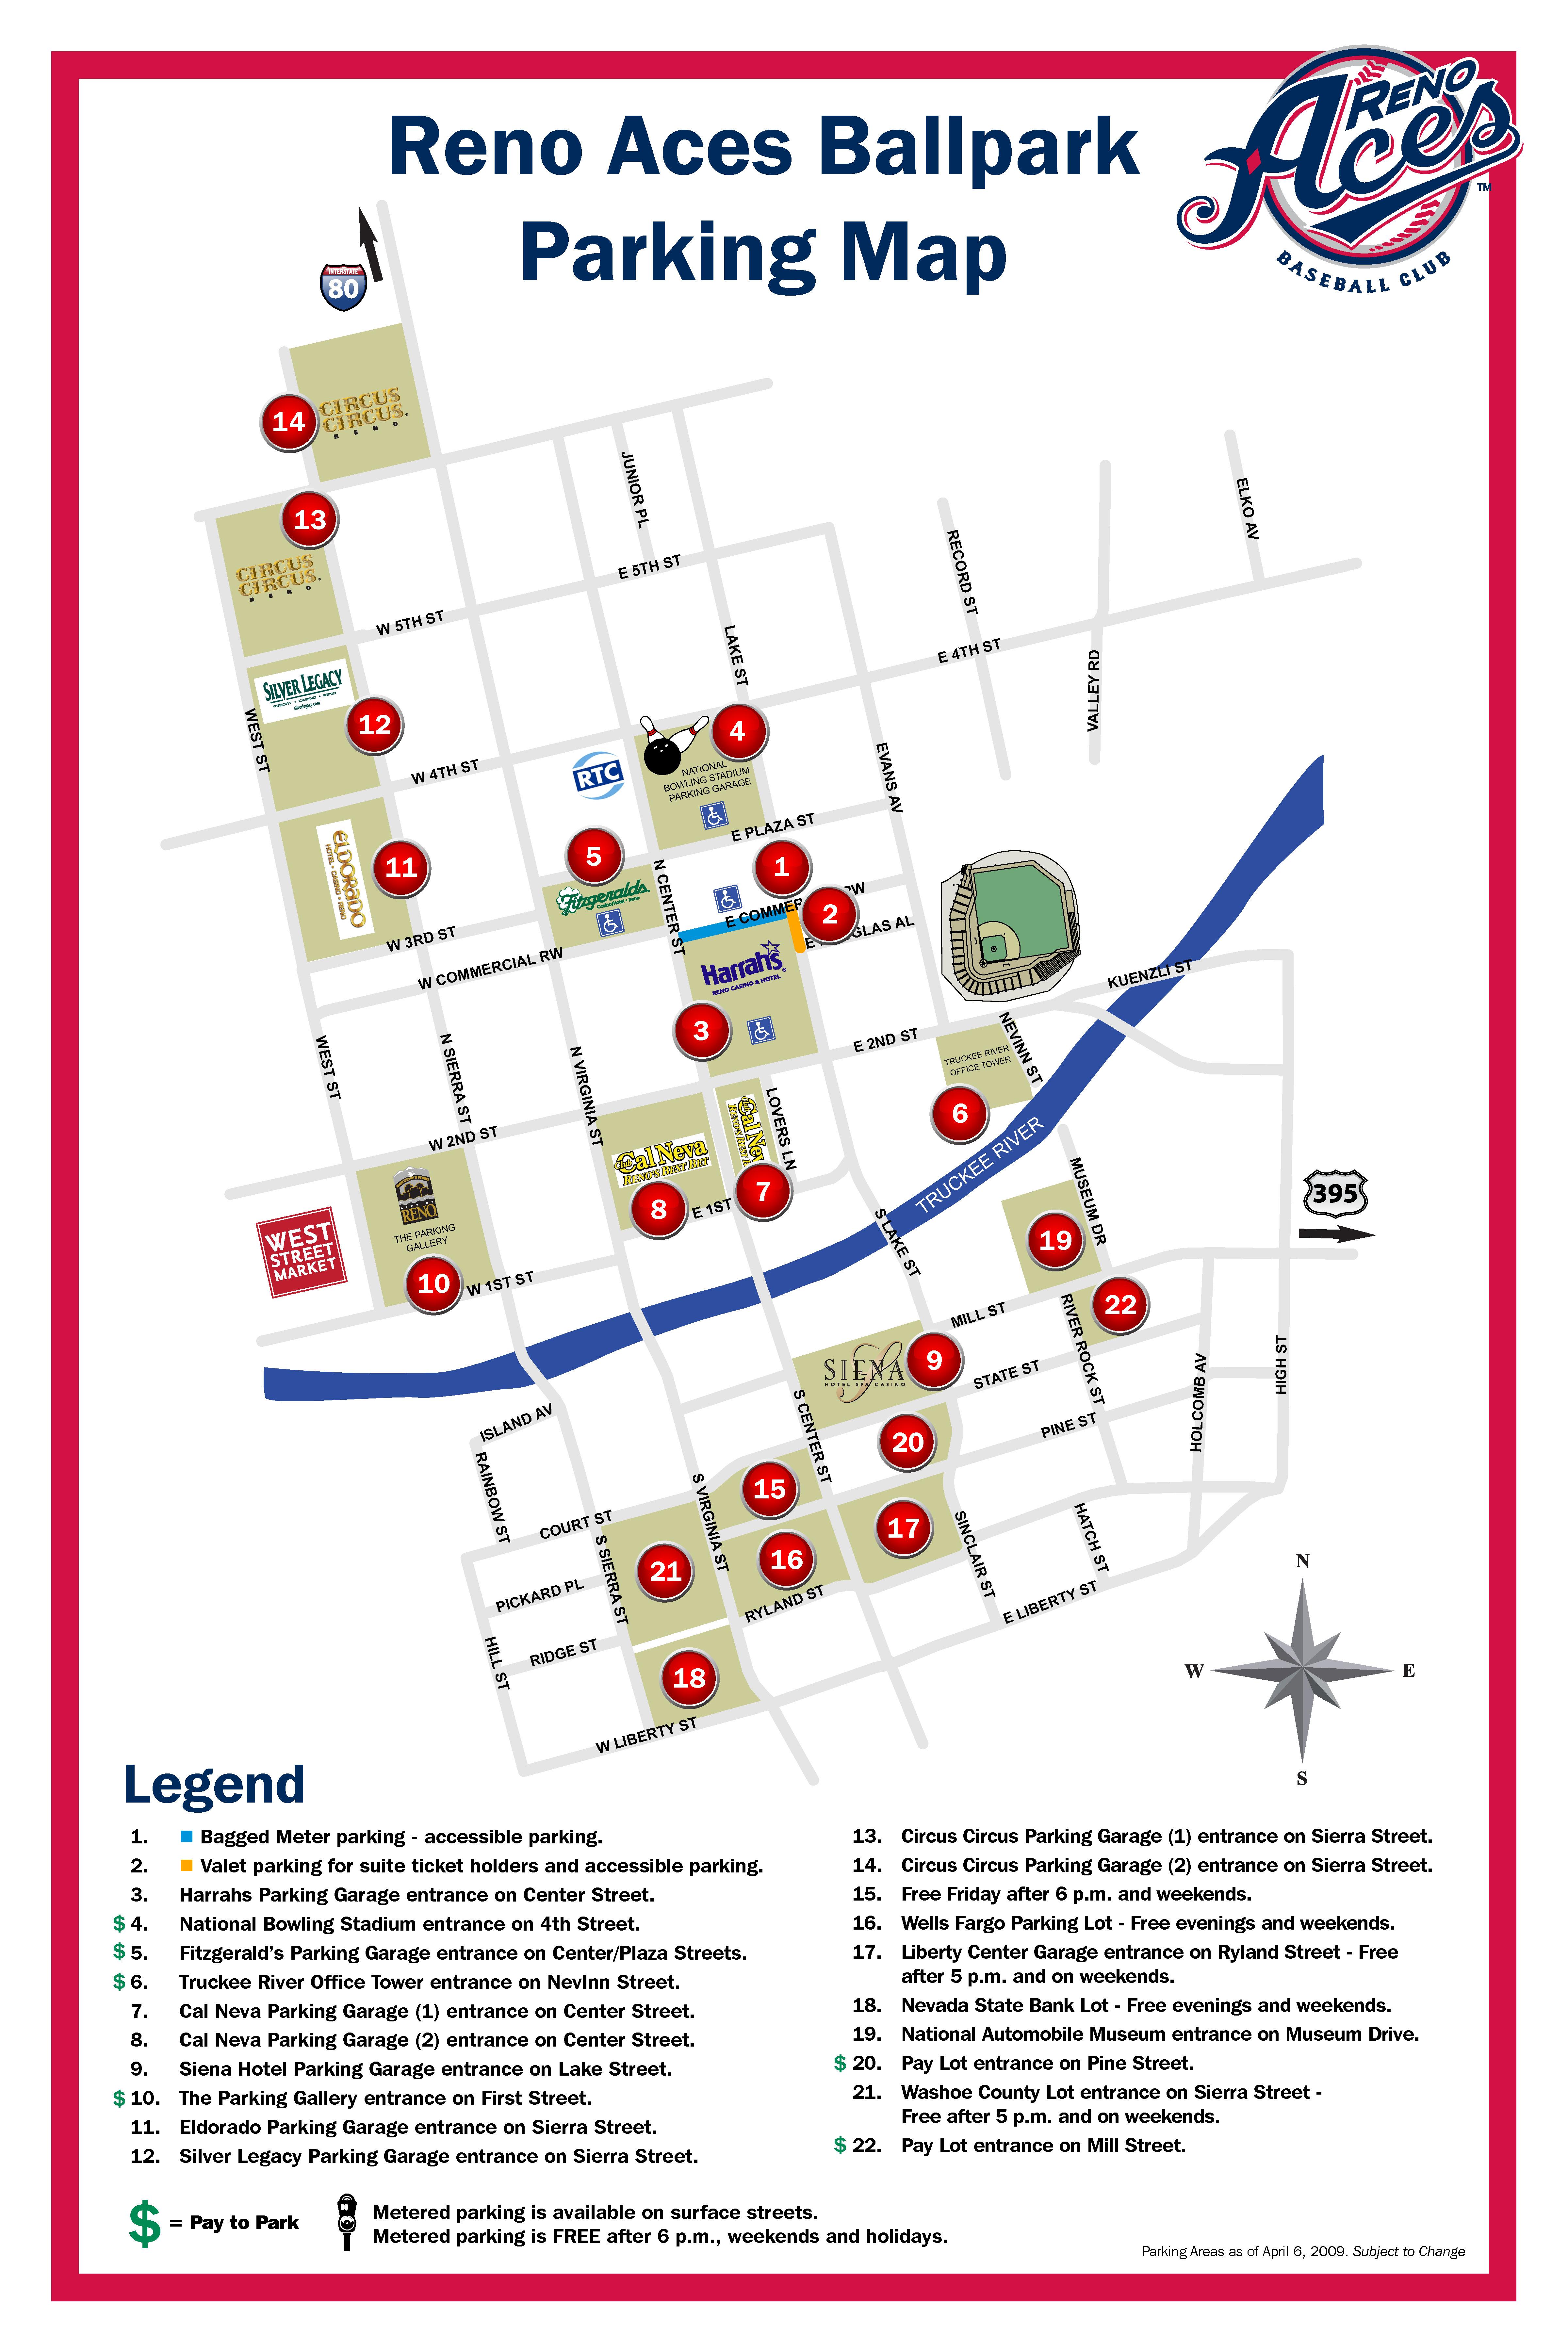 Reno Casinos Map Reno Aces Parking Map Reno Casinos Map